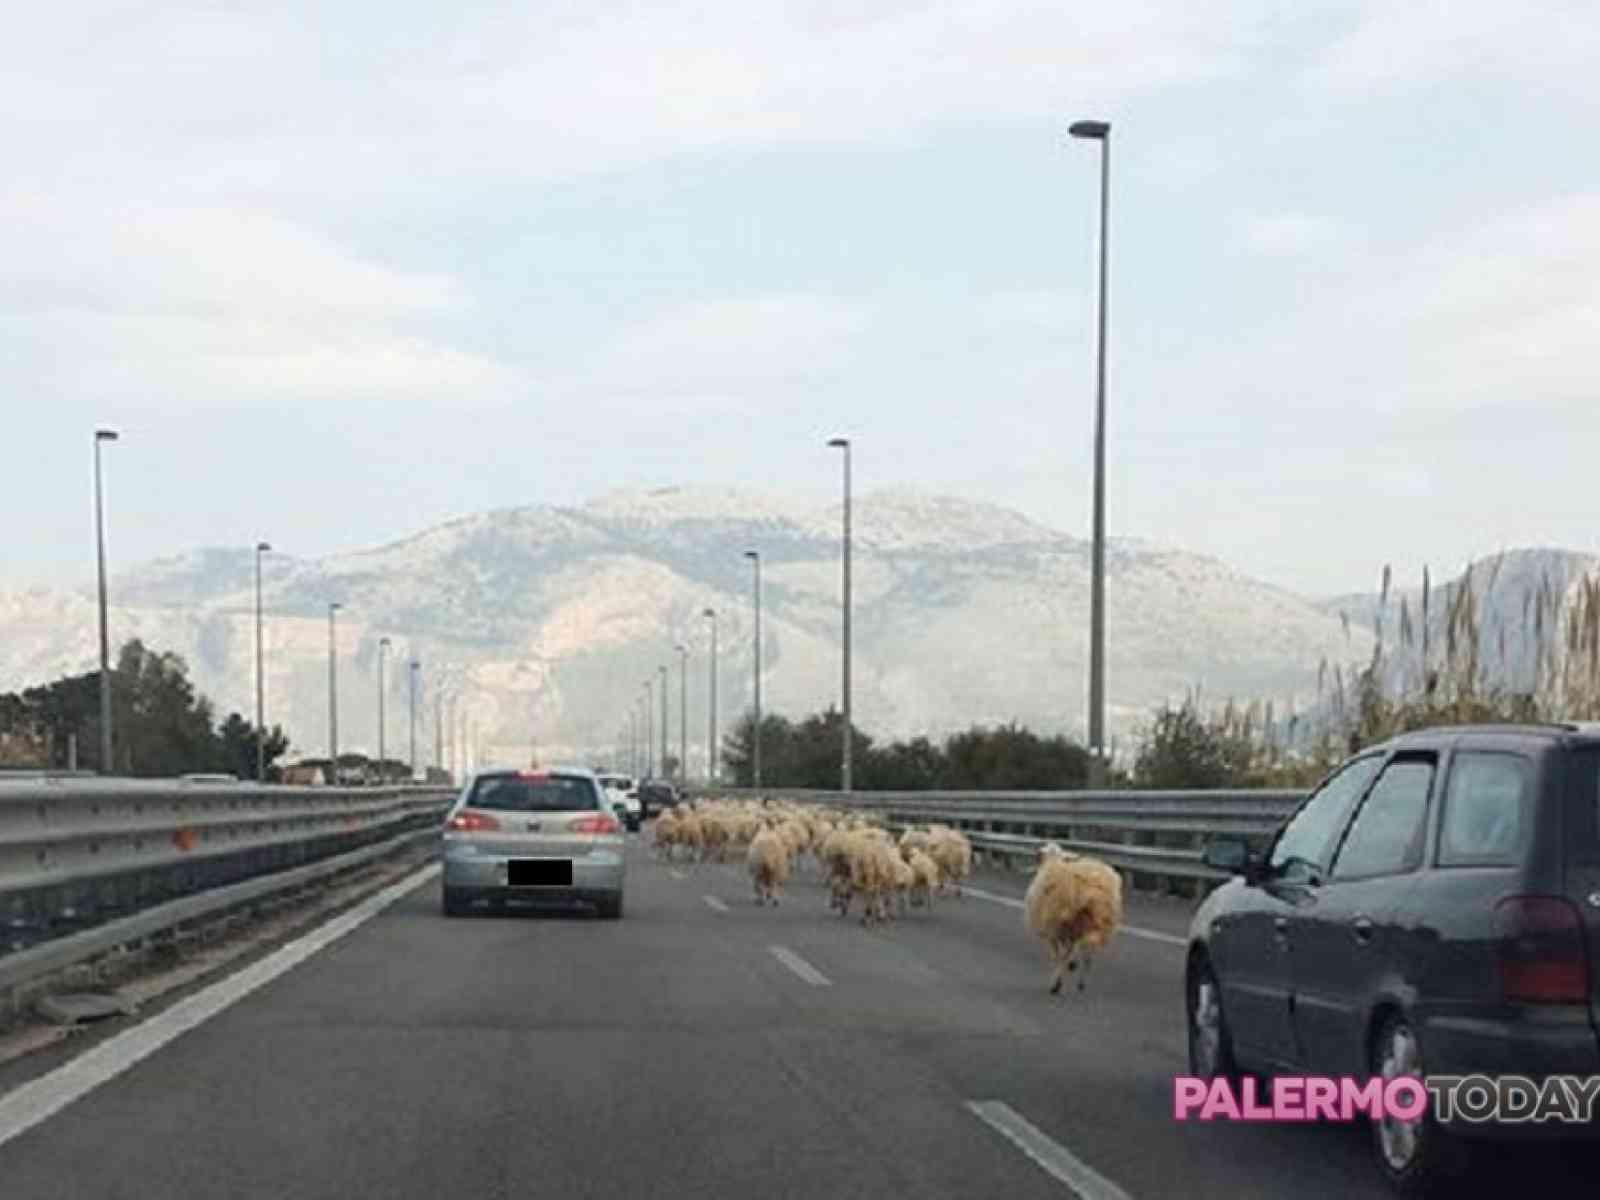 Le pecore preferiscono l'autostrada. Gregge pascola sulla A29, Palermo - Mazara